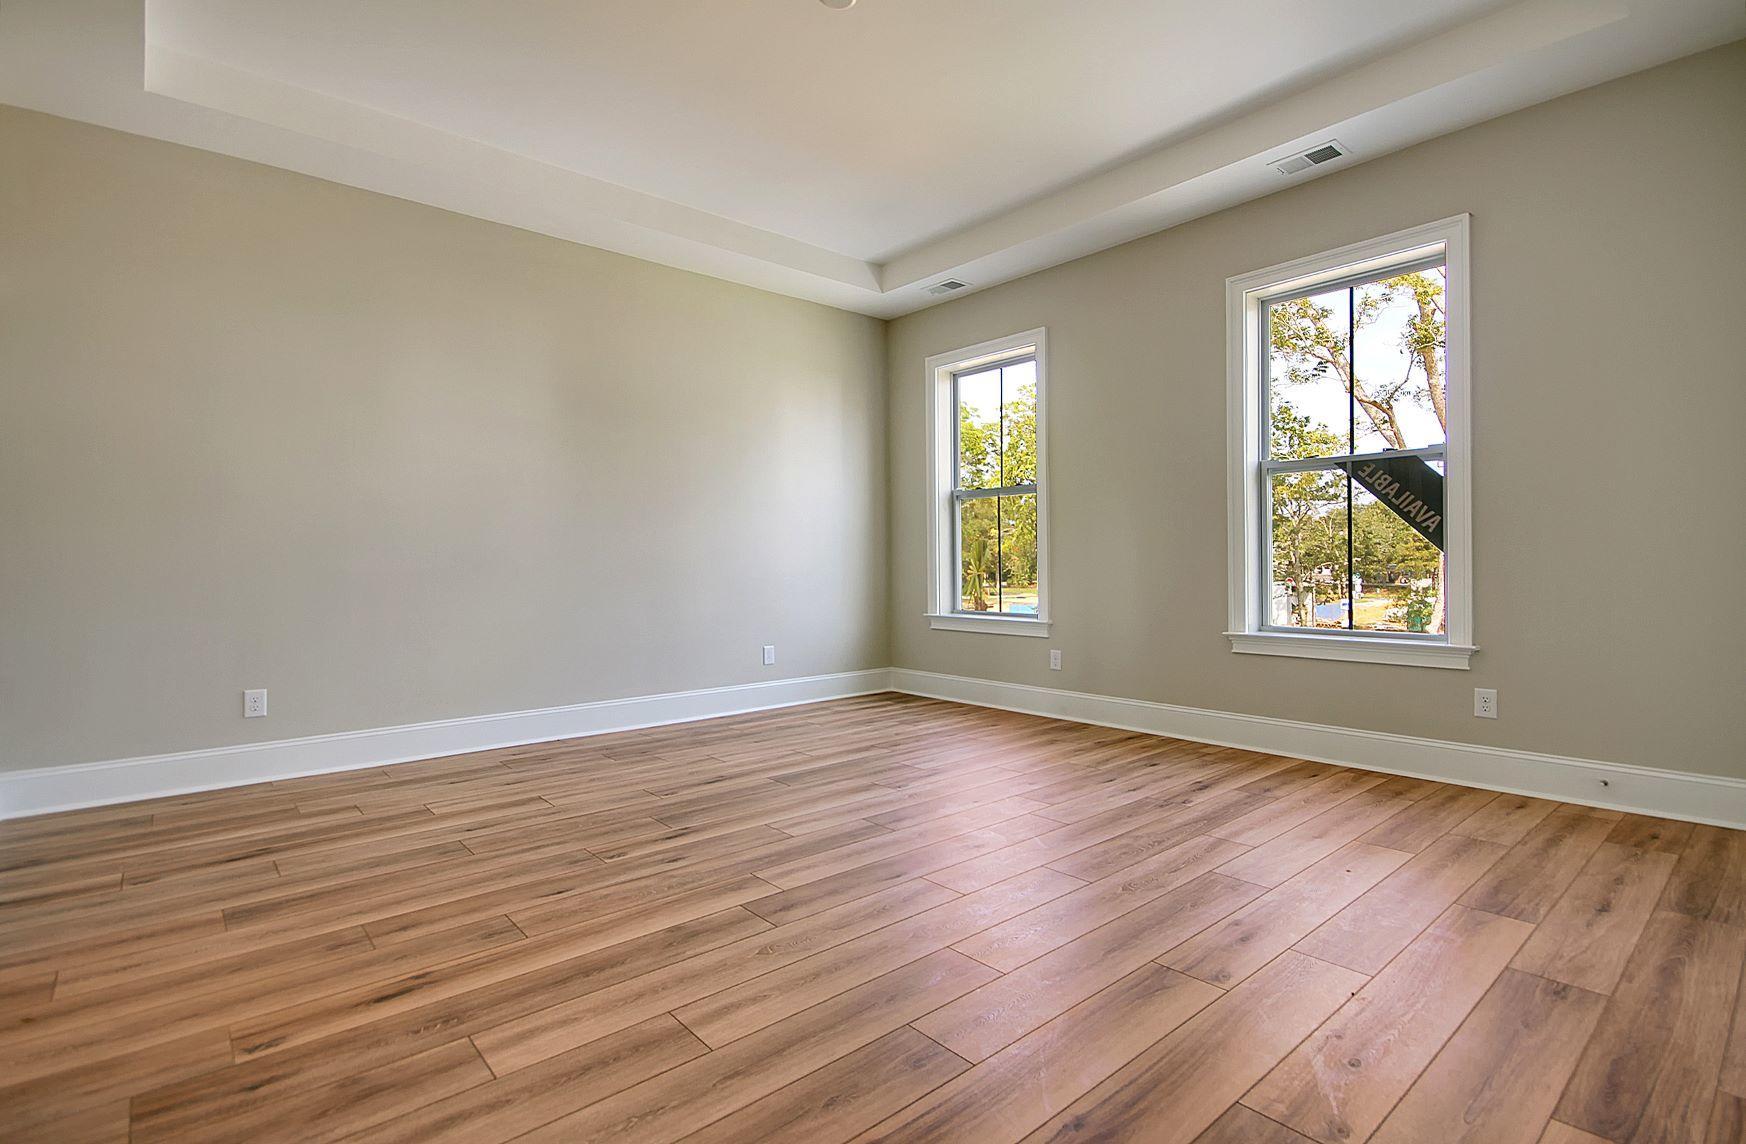 Kings Flats Homes For Sale - 121 Alder, Charleston, SC - 32